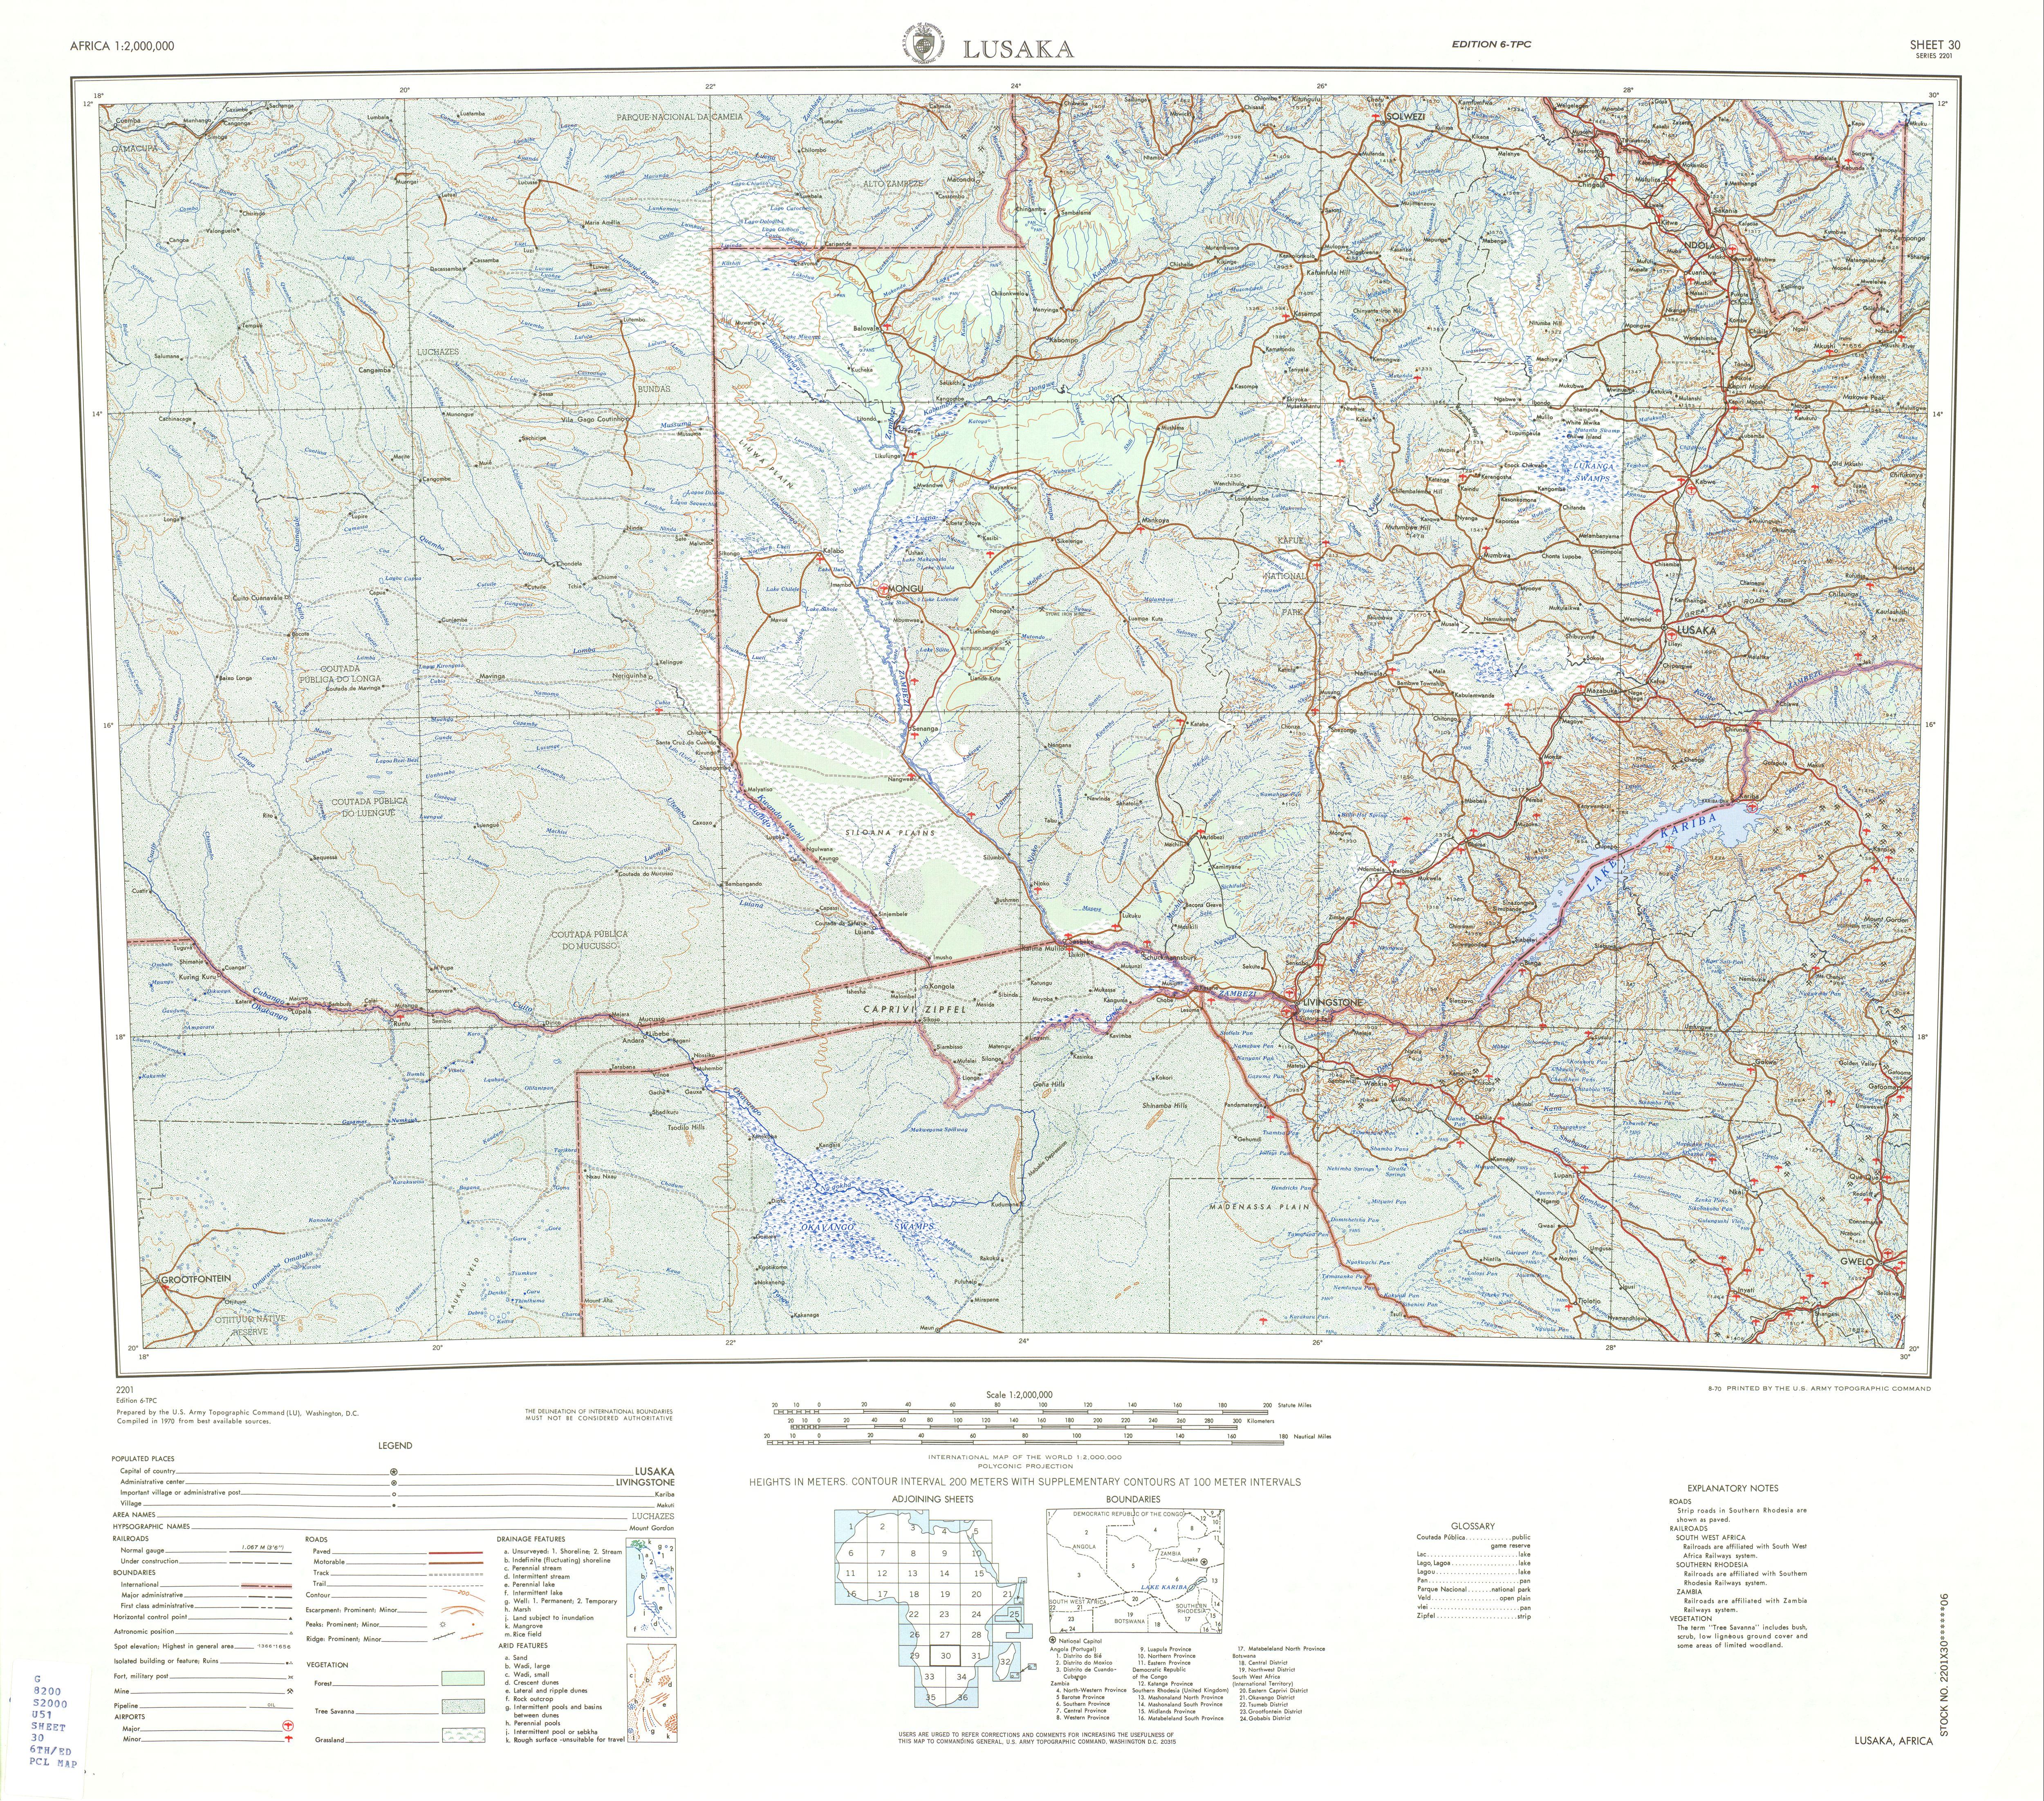 Lusaka Topographic Sheet Map, Africa 1970